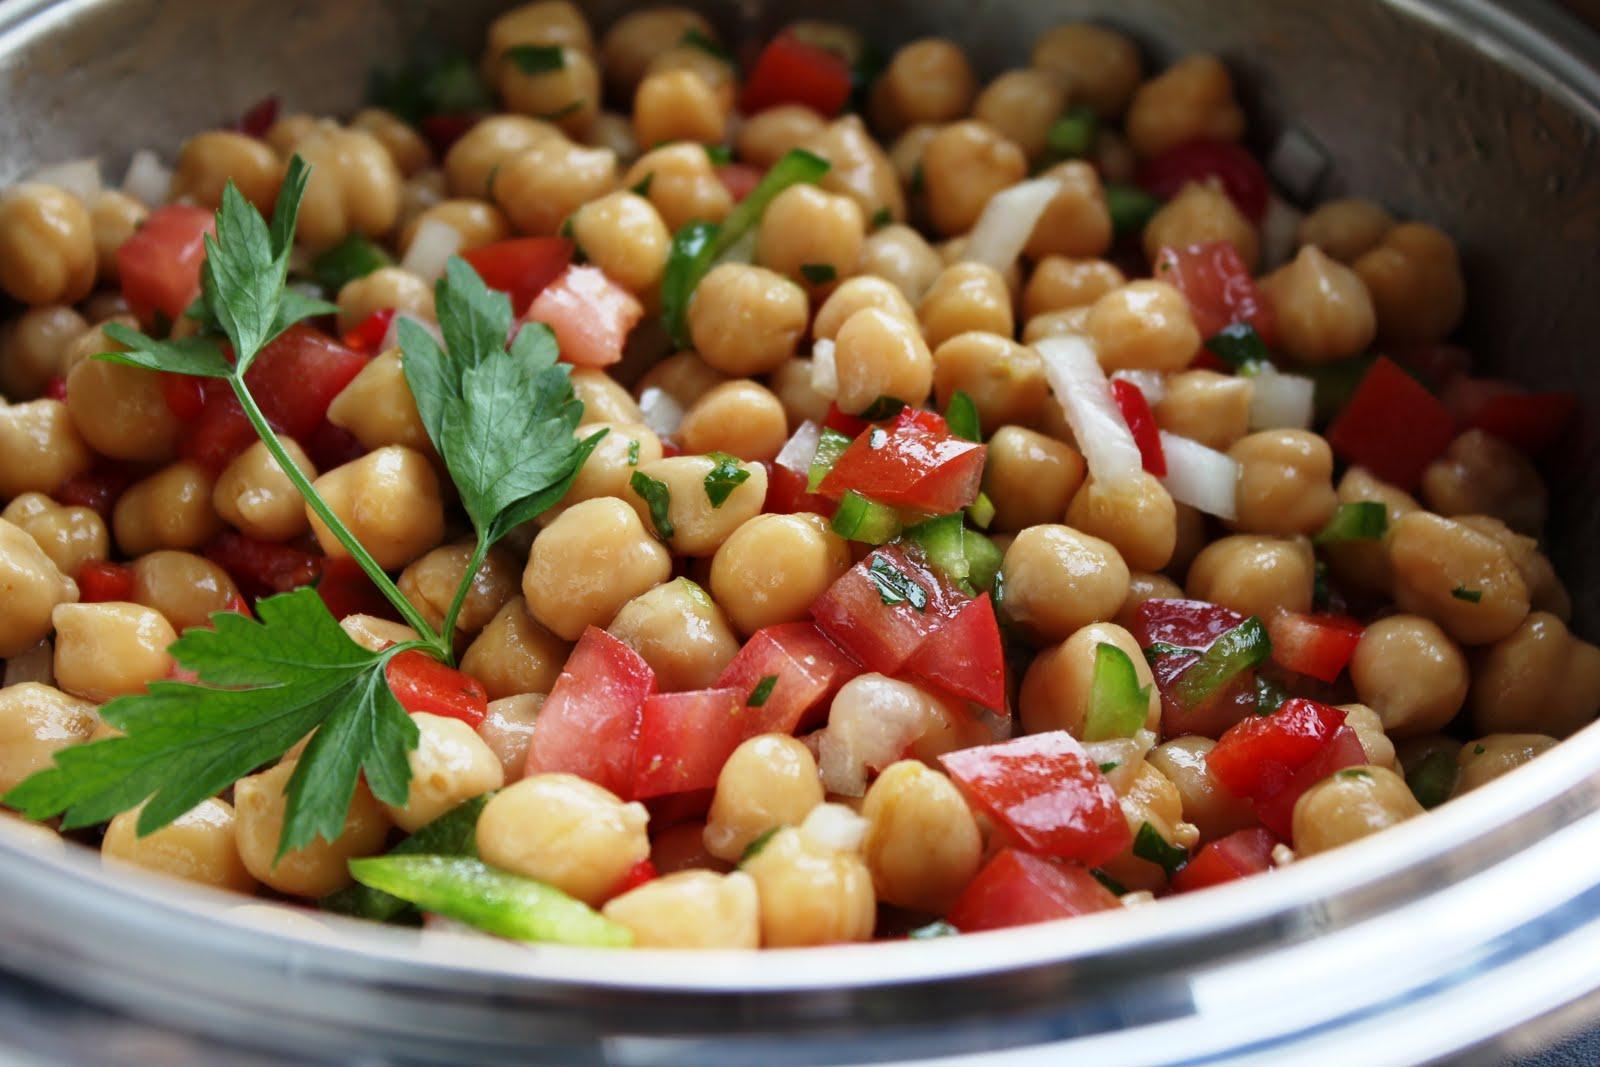 Dieta recomendada ensalada de garbanzos - Ensalada de garbanzos light ...